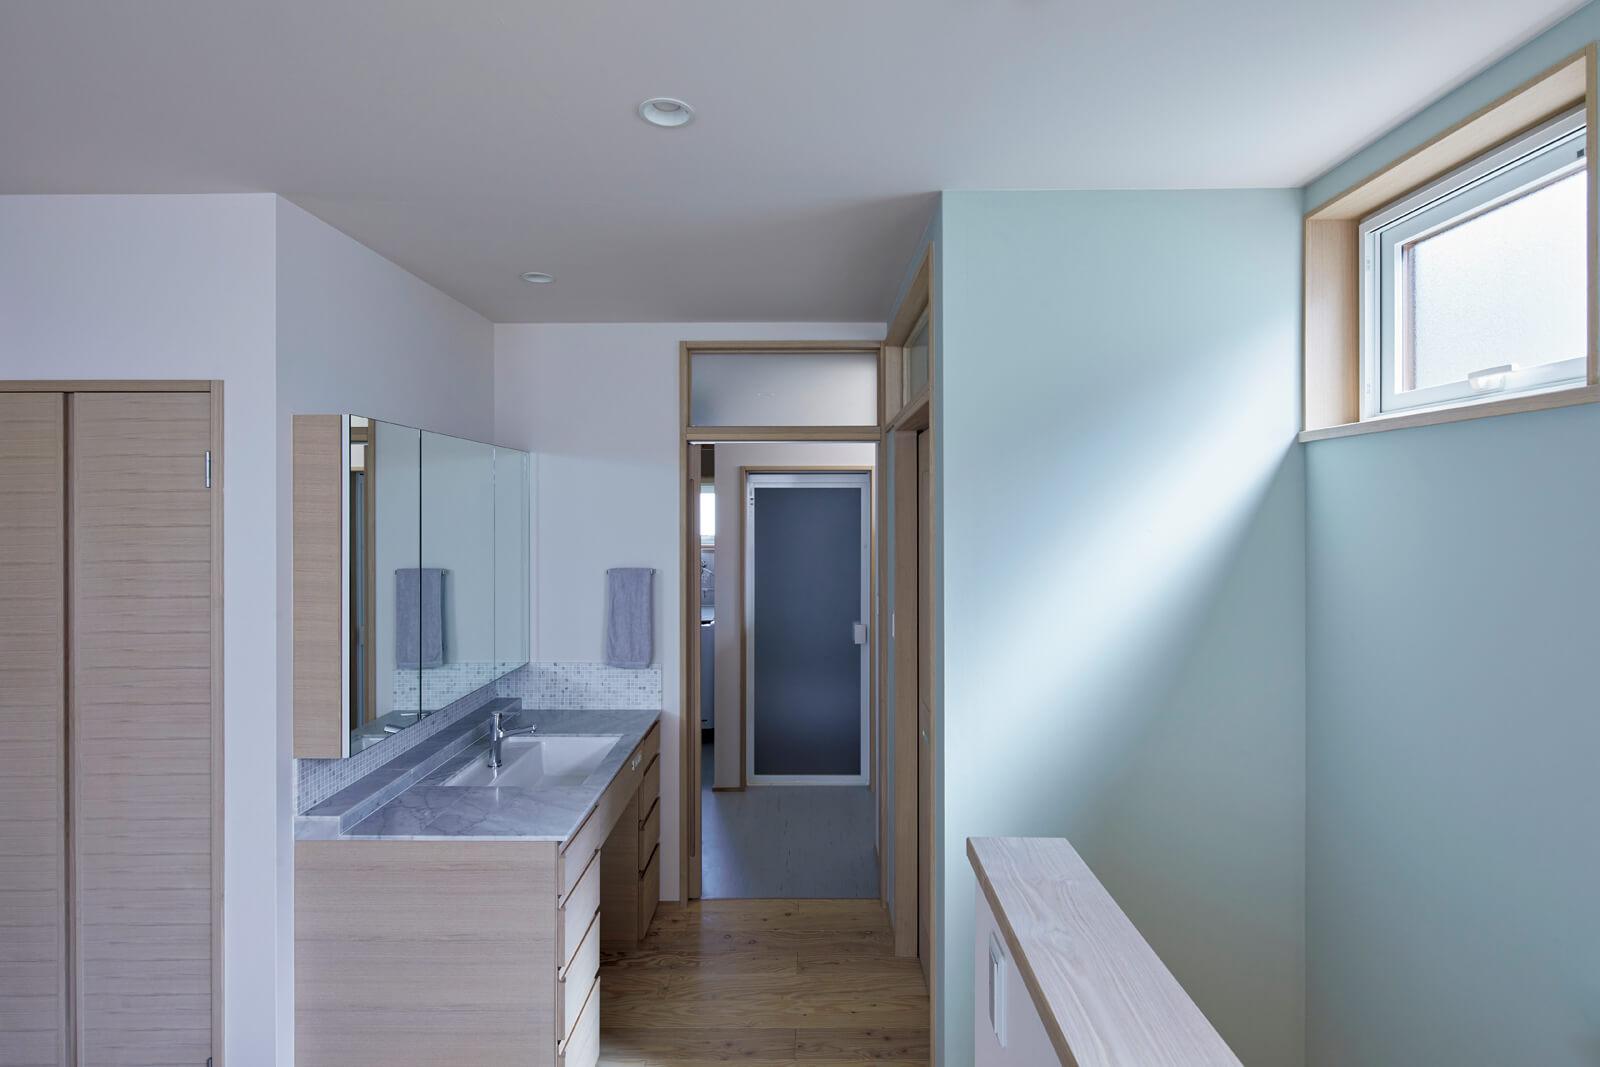 ユーティリティは、プライベートゾーンである2階に集約。洗面台はキッチンと同じく大理石を採用。将来、娘さんと奥さんが2人並んでも余裕のある大きさが嬉しい